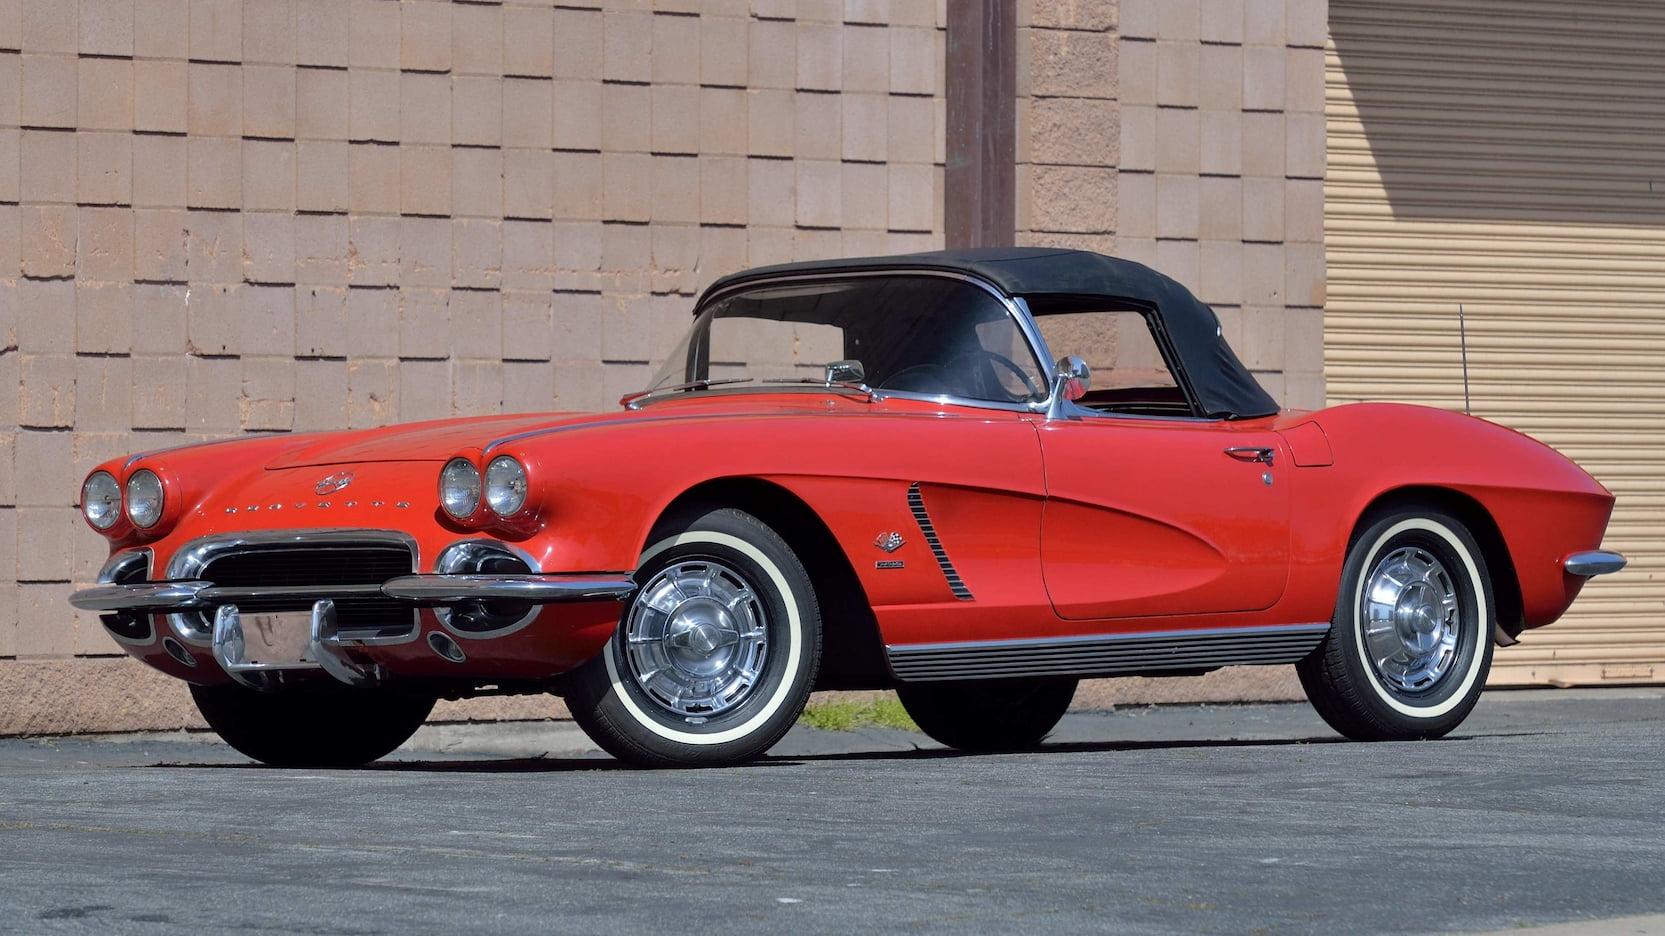 1962 Chevrolet Corvette Fuelie Convertible